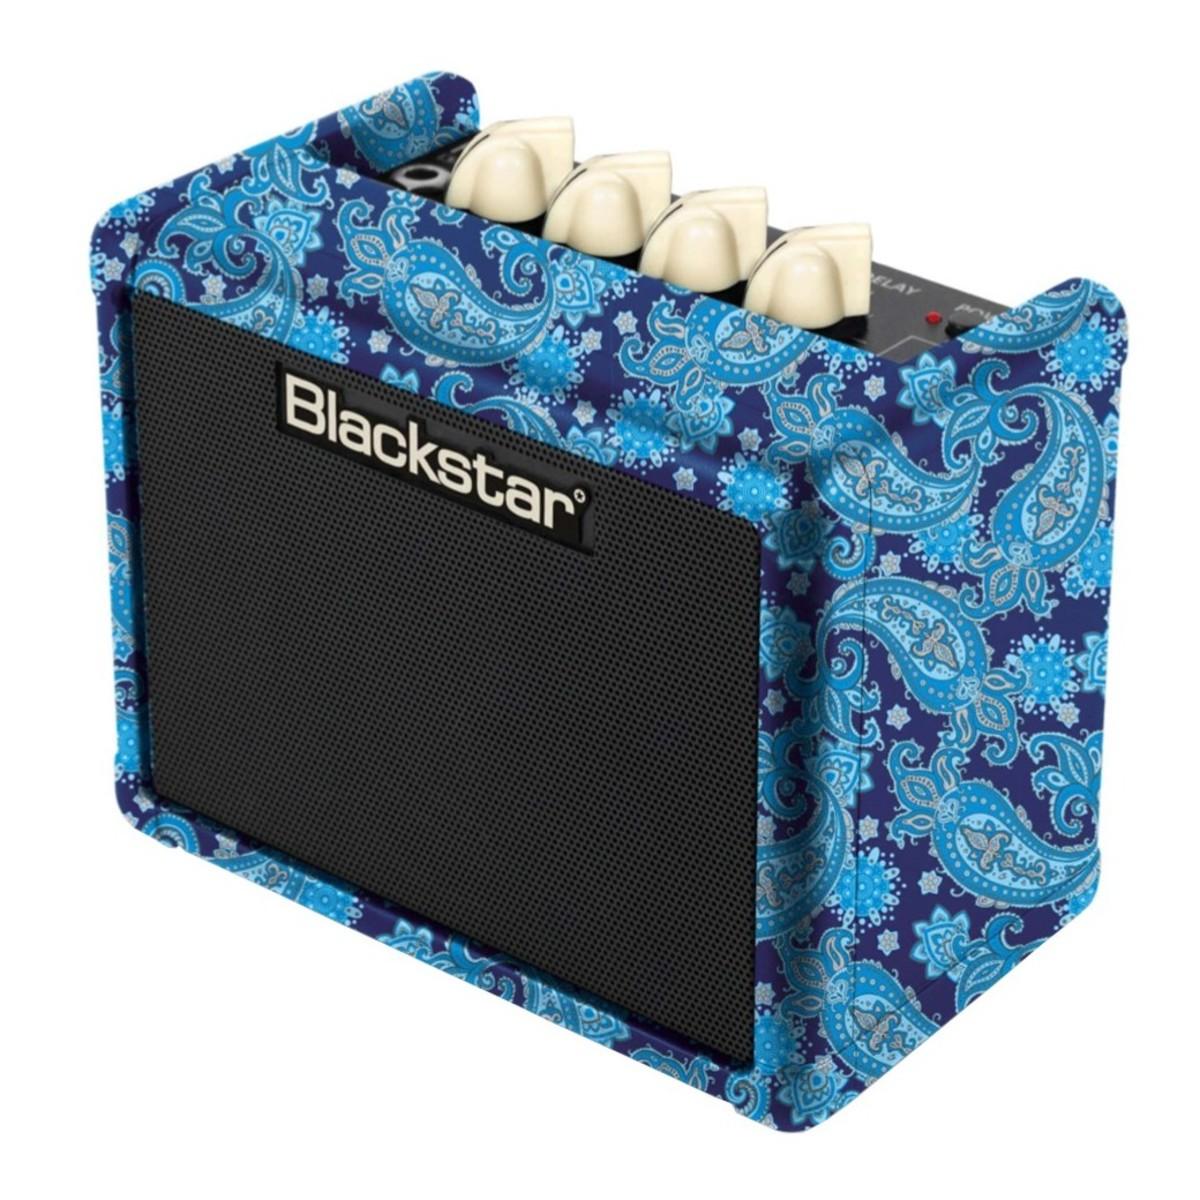 Blackstar Fly 3 Bluetooth Purple Paisley Mini Amp